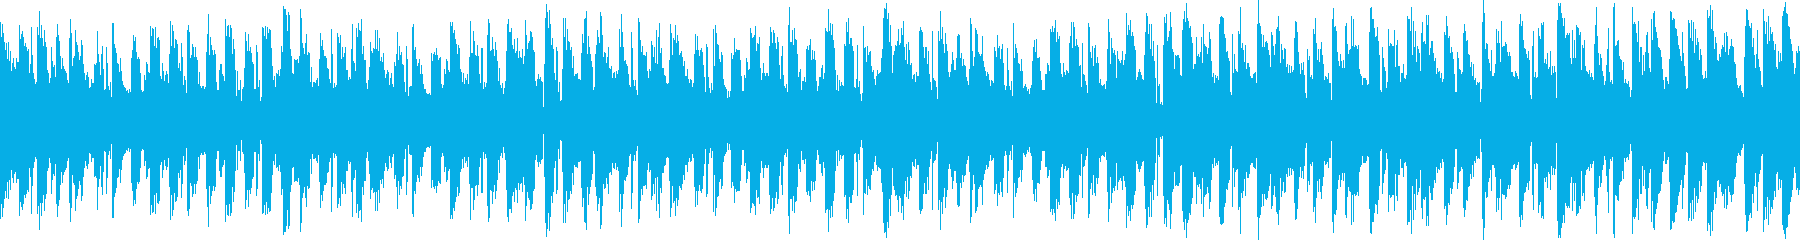 ウクレレ、ホンキートンクピアノ、オ...の再生済みの波形